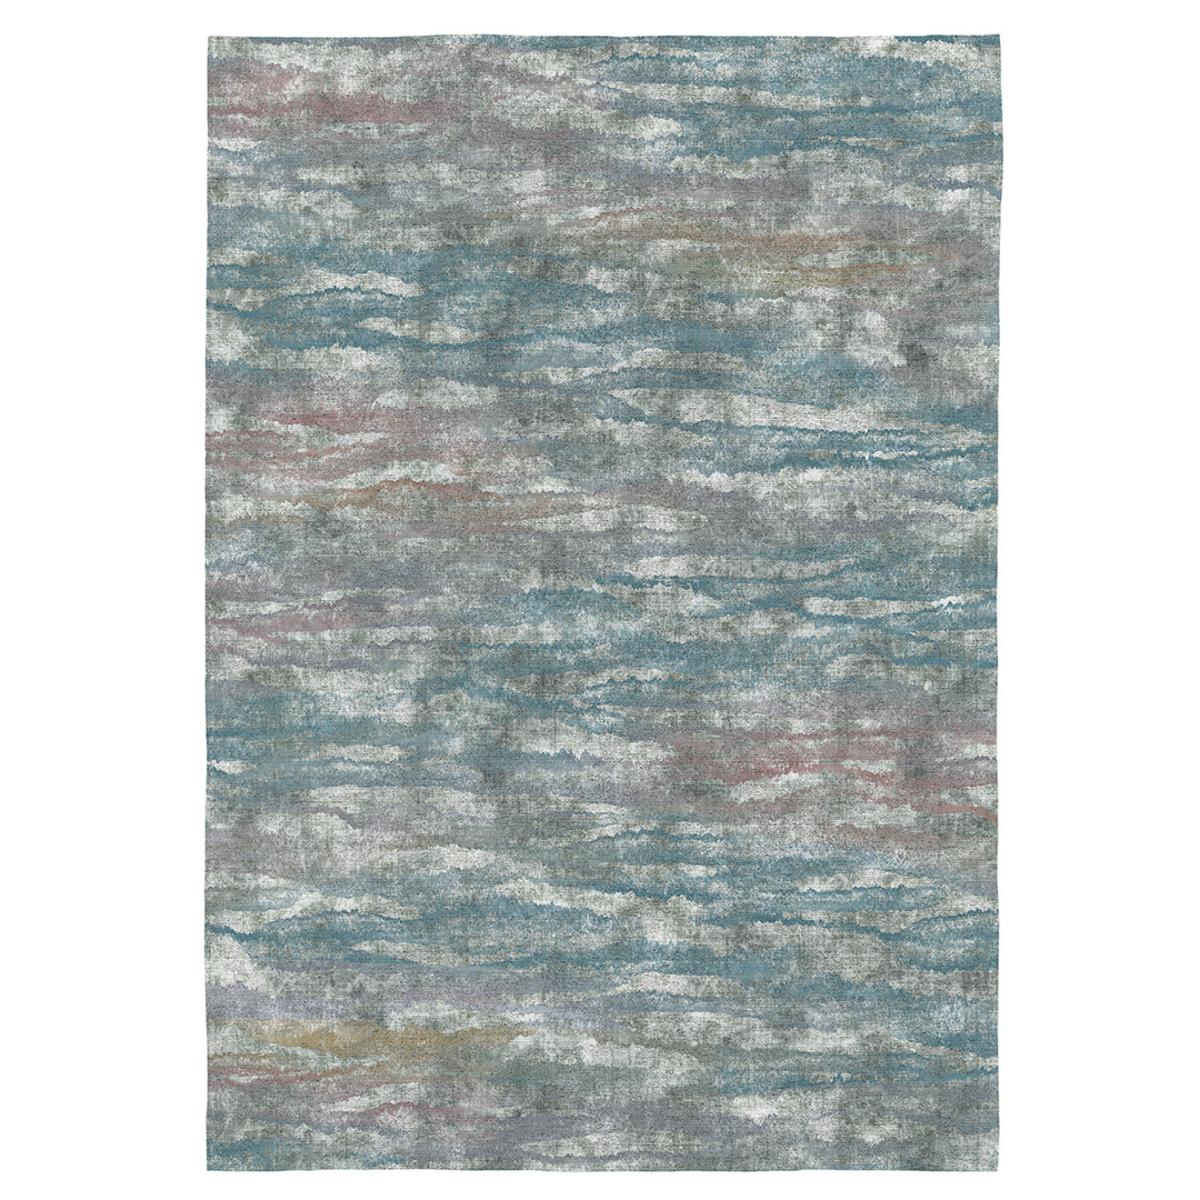 Tapis décoratif style moderne en coton imprimé numérique 120x170 cm